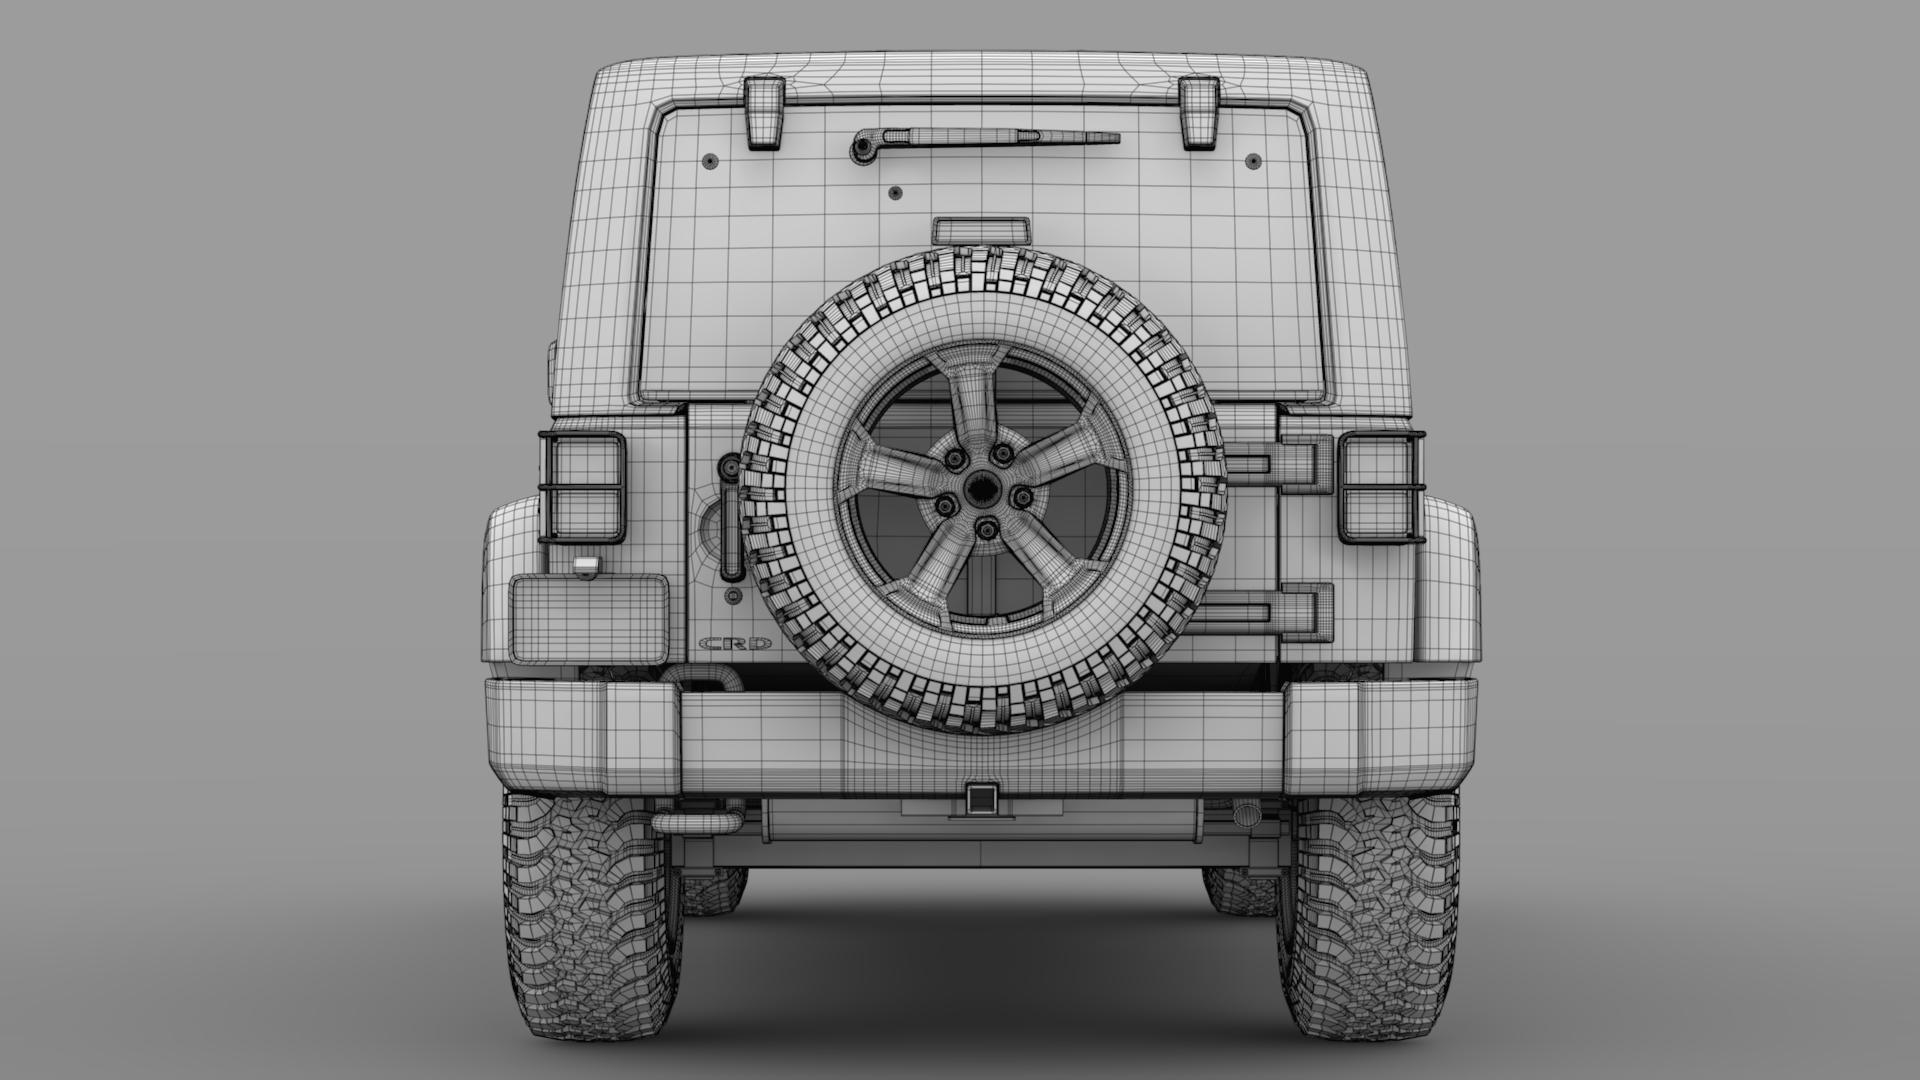 jeep wrangler unlimited chief jk 2017 3d model max fbx c4d lwo ma mb hrc xsi obj 276982